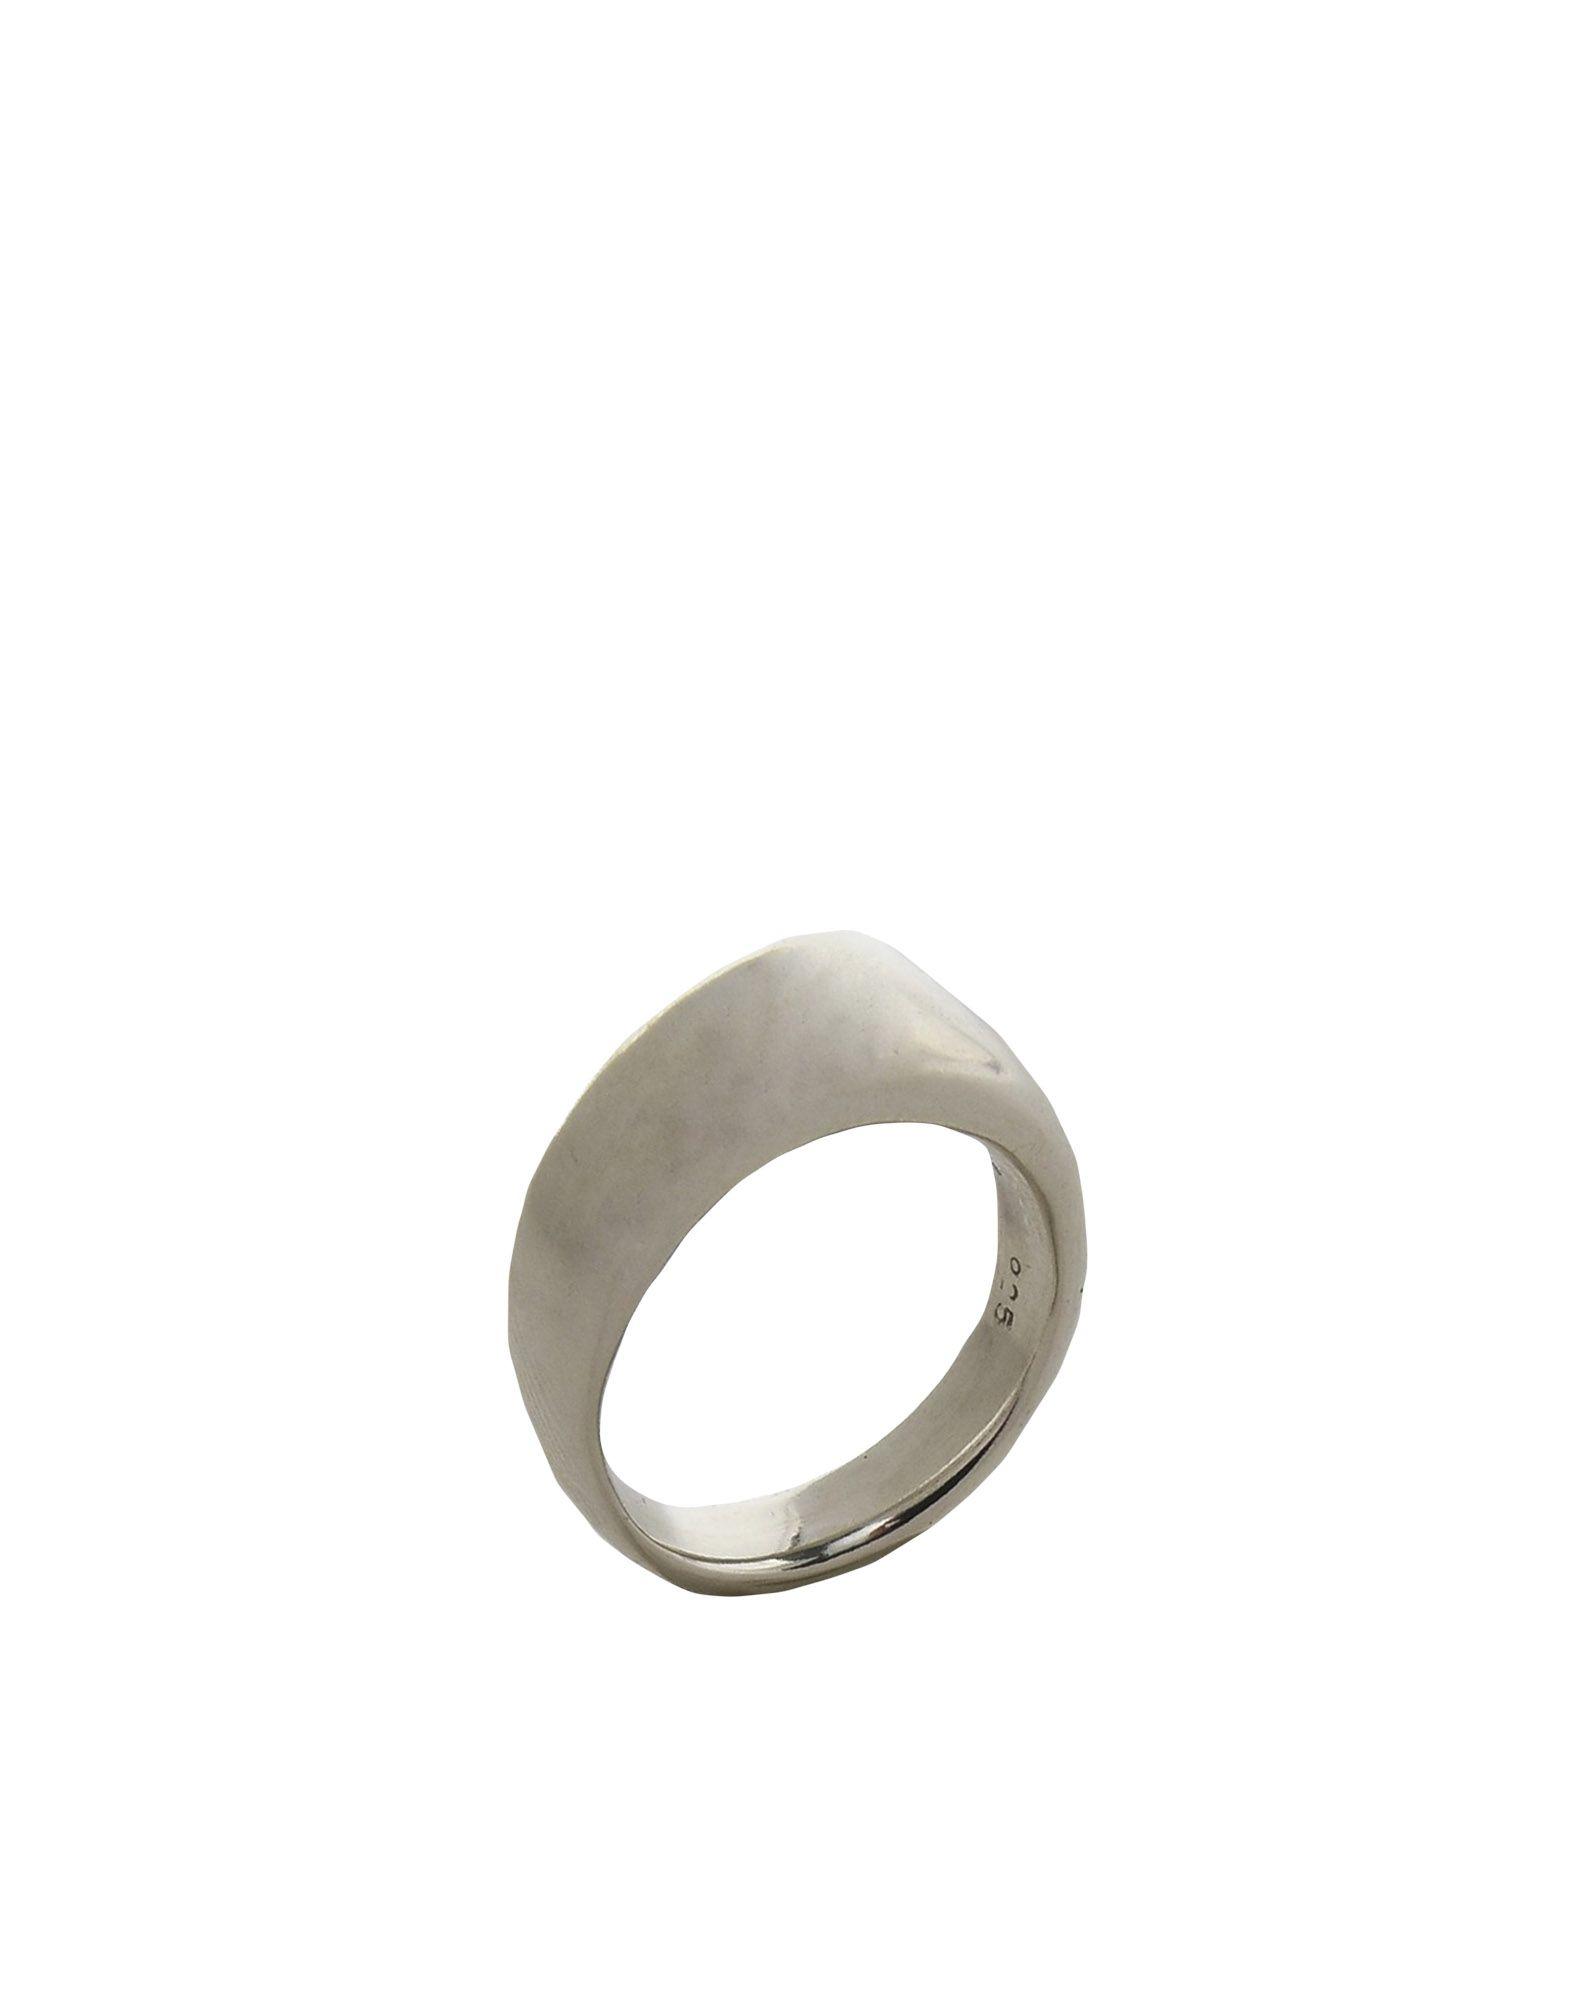 《期間限定 セール開催中》FIRST PEOPLE FIRST レディース 指輪 シルバー 7.5 シルバー925/1000 FLEX RING